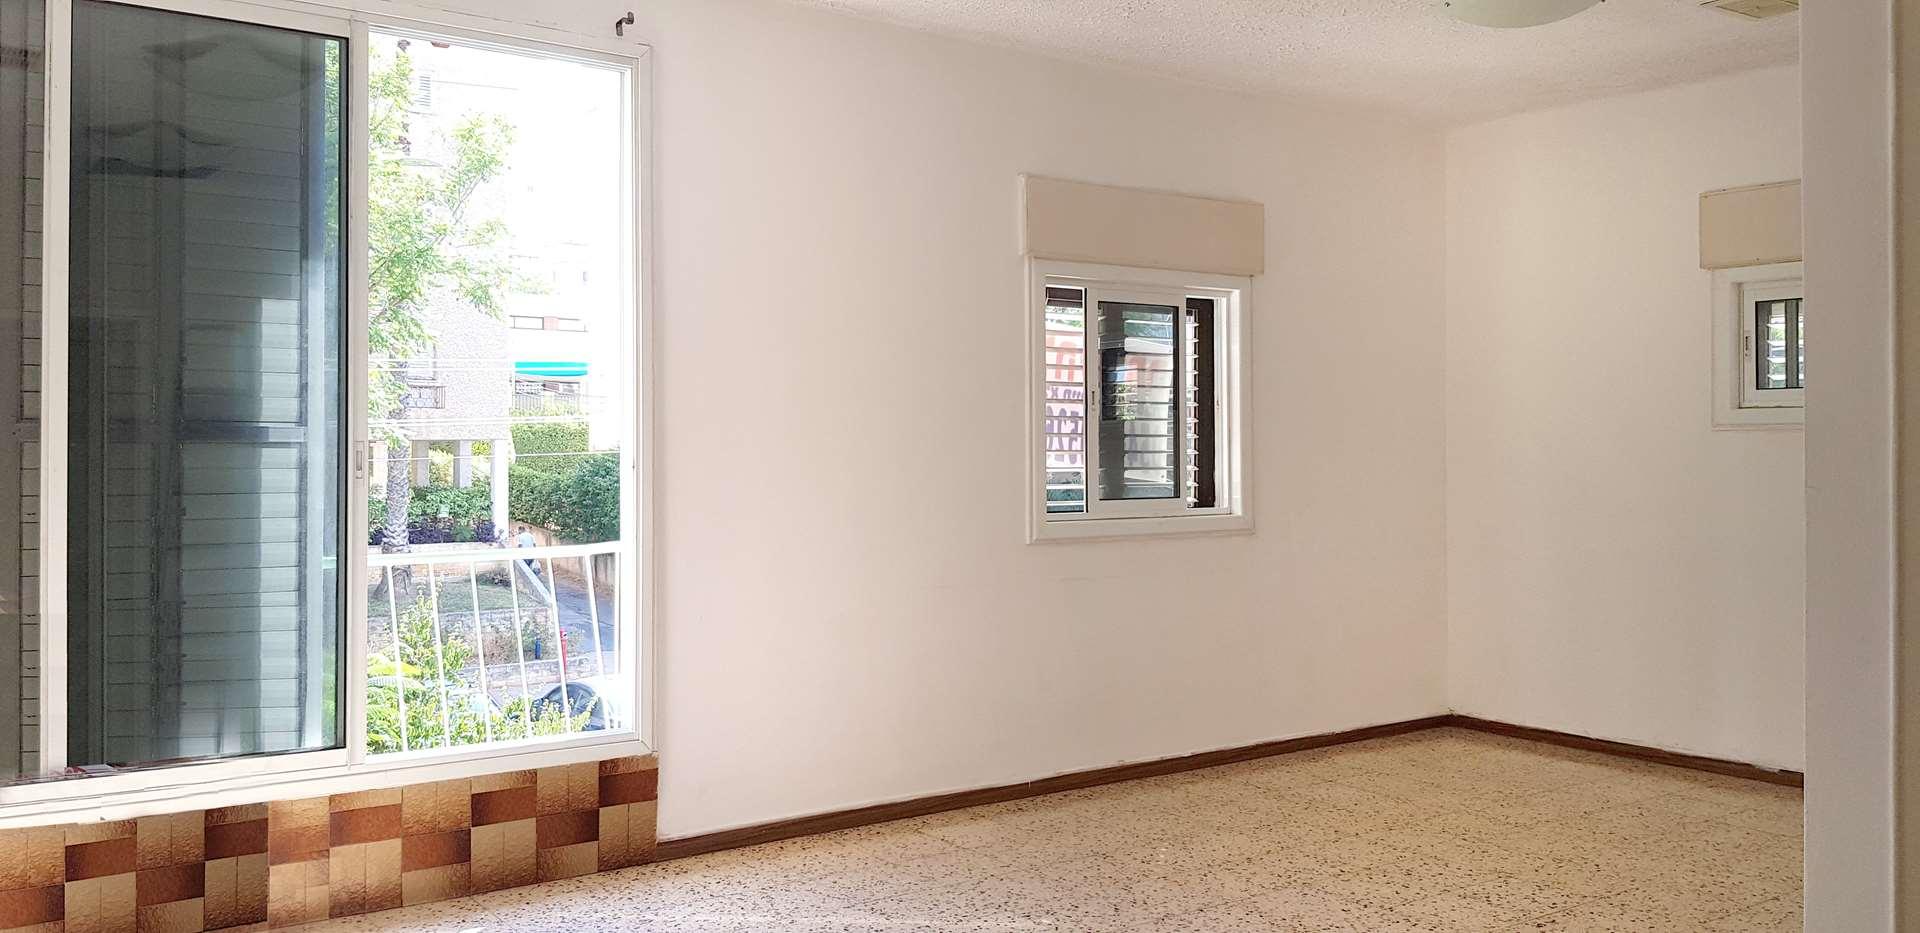 דירה, 3.5 חדרים, כץ , פתח תקווה